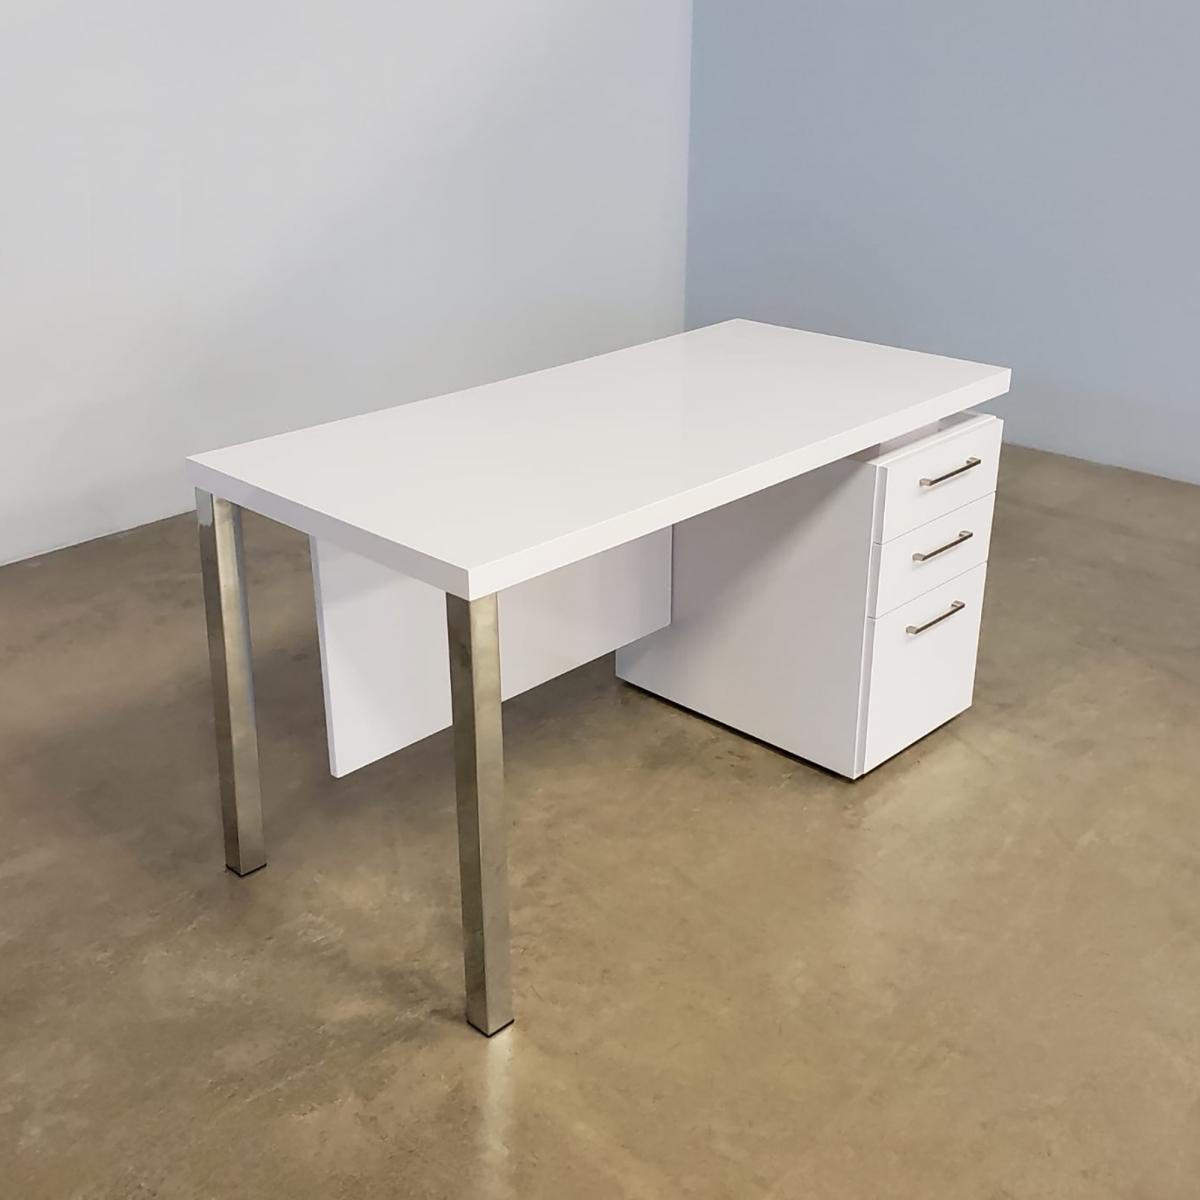 Dallas Laminate Top Desk